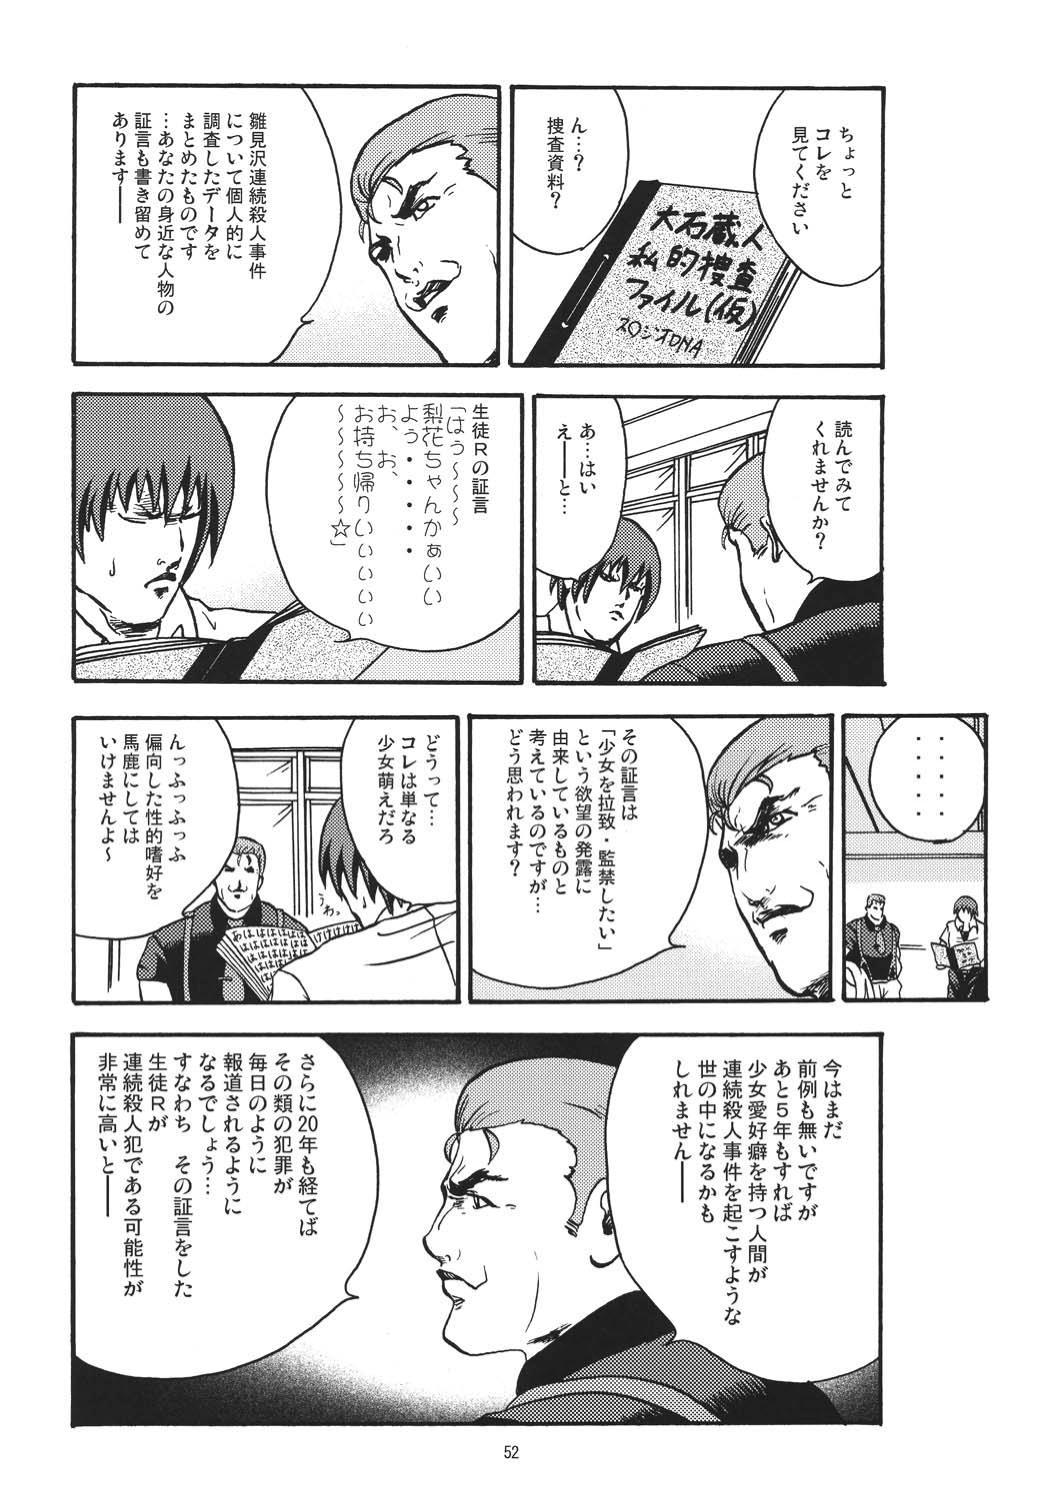 Miwaku 50